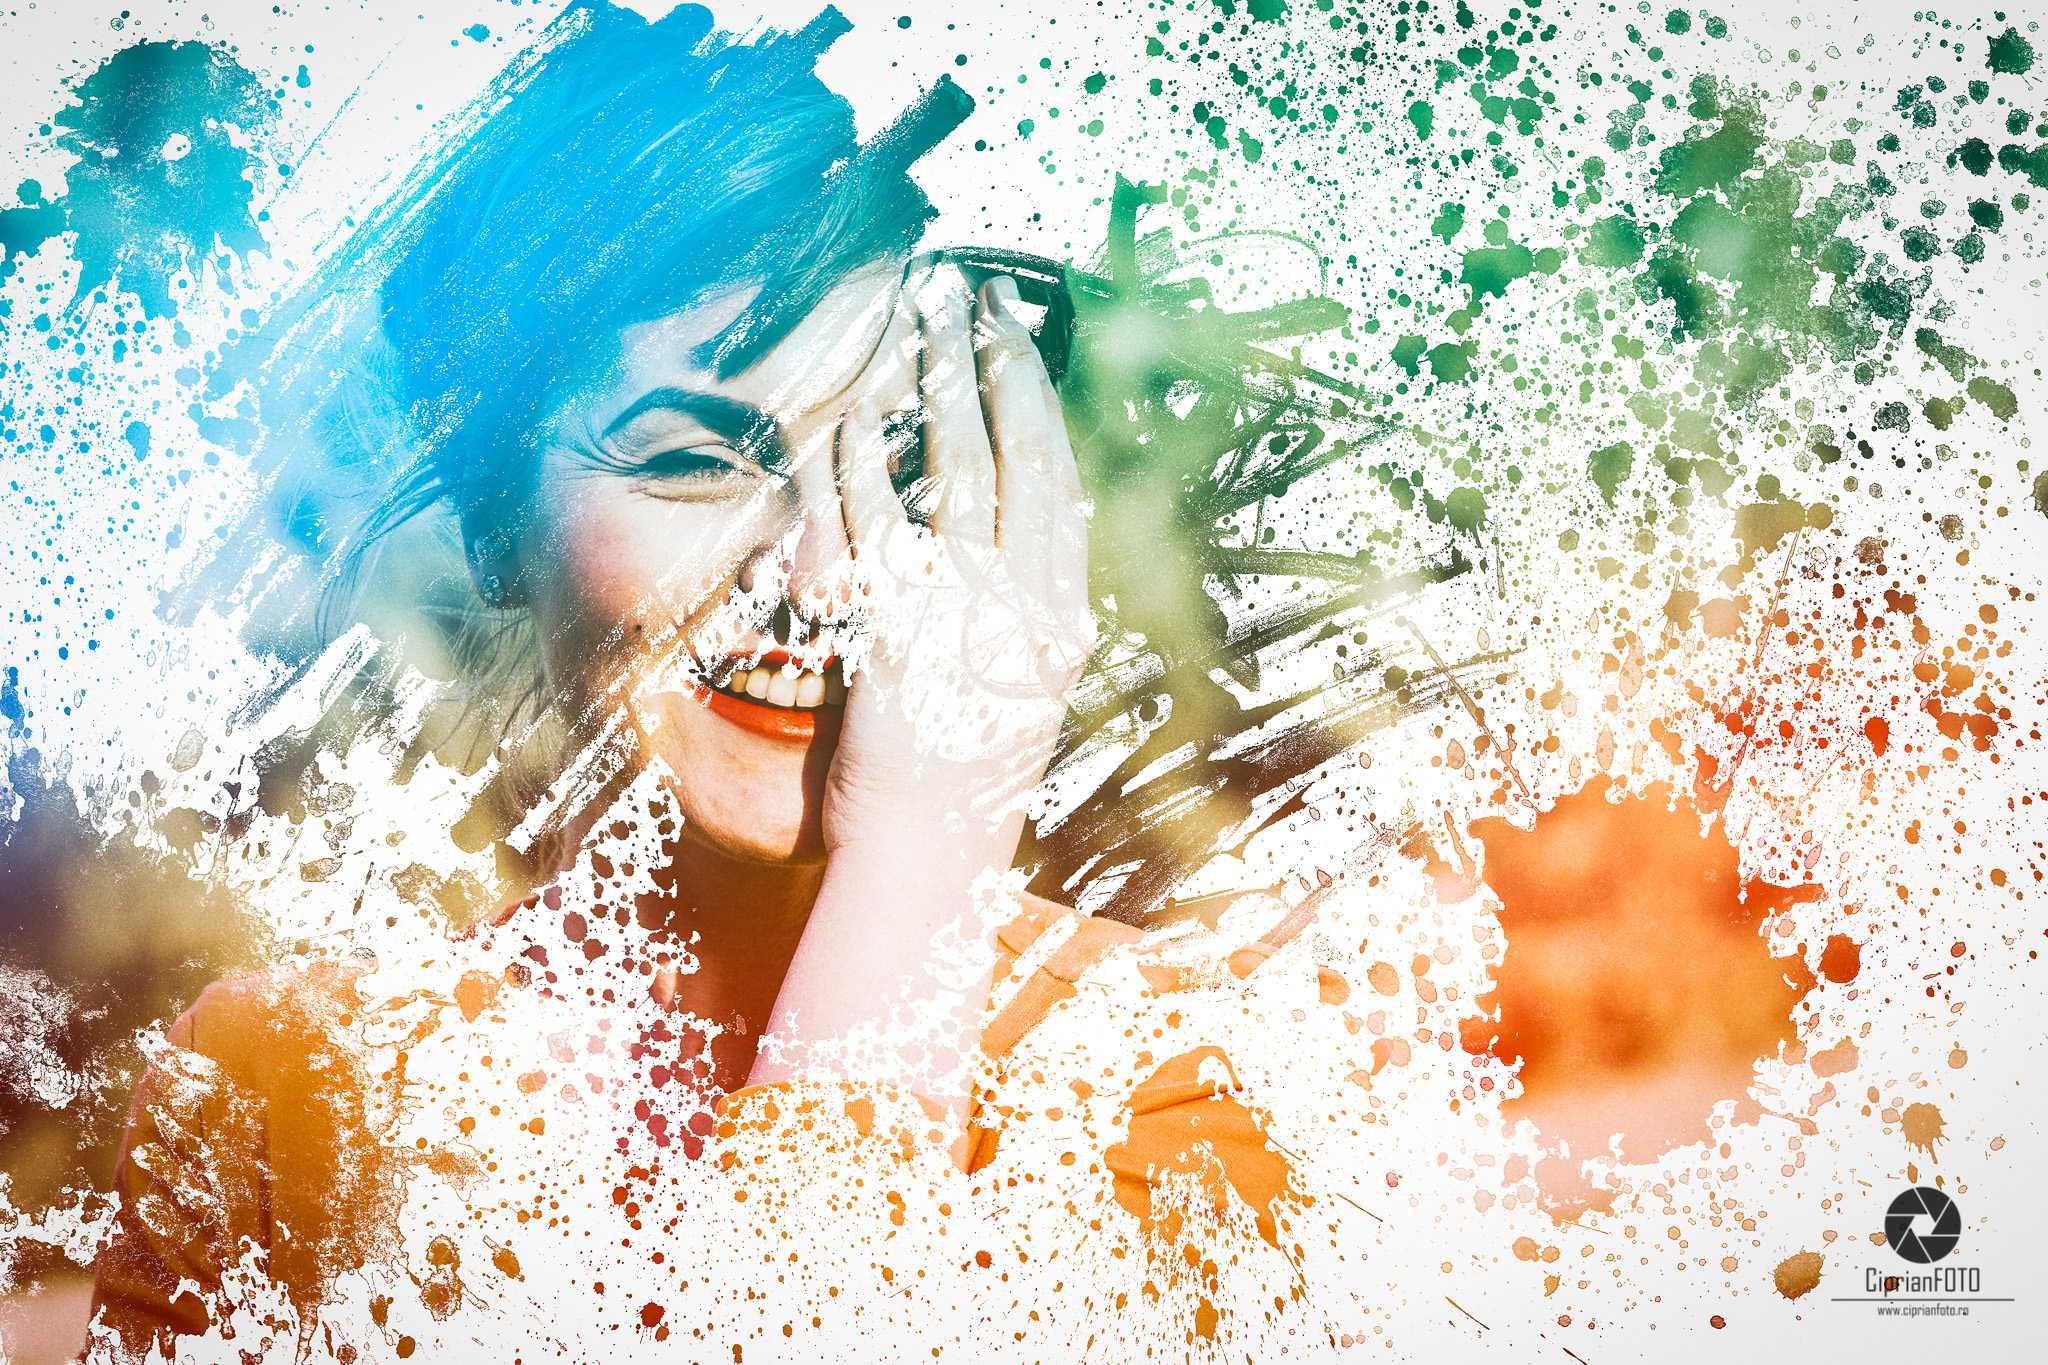 Astonishing_Photo_Effects_Paint_Splash_On_Face_Using_Brush_Photoshop_Manipulation_Tutorial_CiprianFOTO